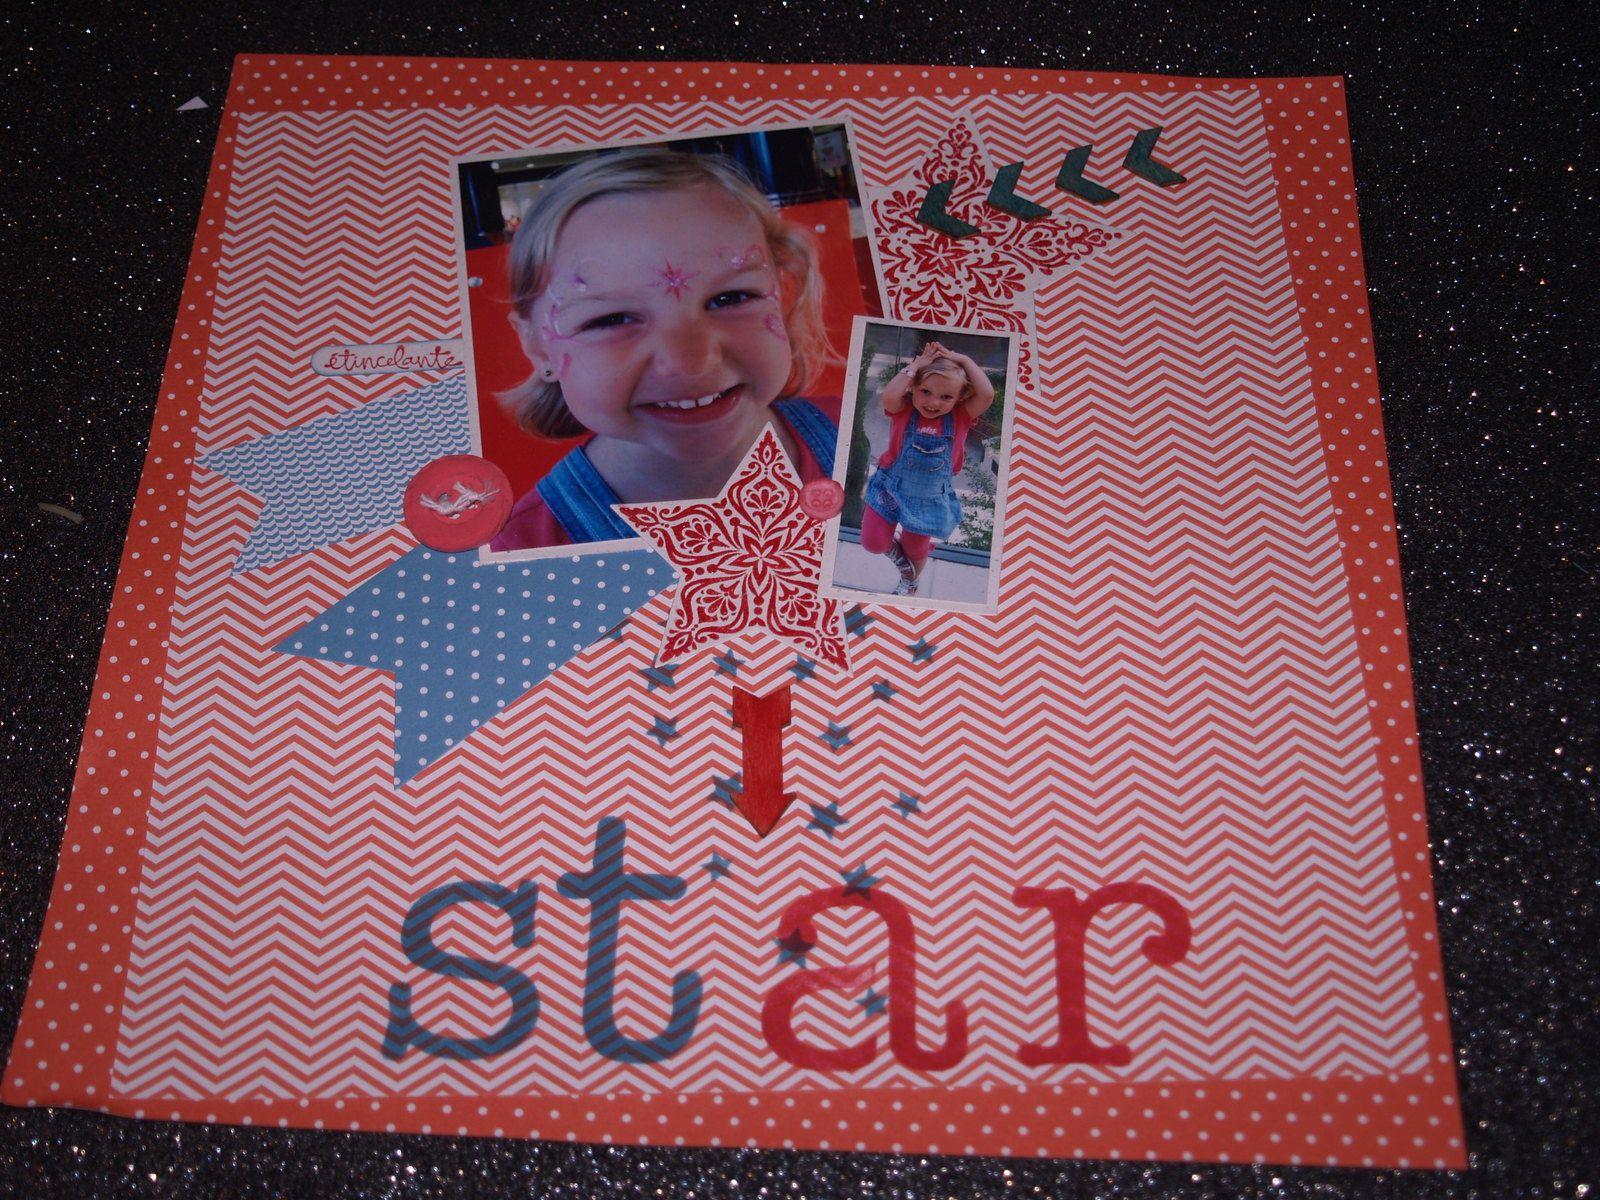 papiers imprimés de la série design collection brillant et douce nuit&#x3B; papiers cartonnés doux ciel et riche raisin&#x3B; framelits étoiles et bannière&#x3B; tampons éblouissant de joie&#x3B; éléments en bois&#x3B; masque étoiles.